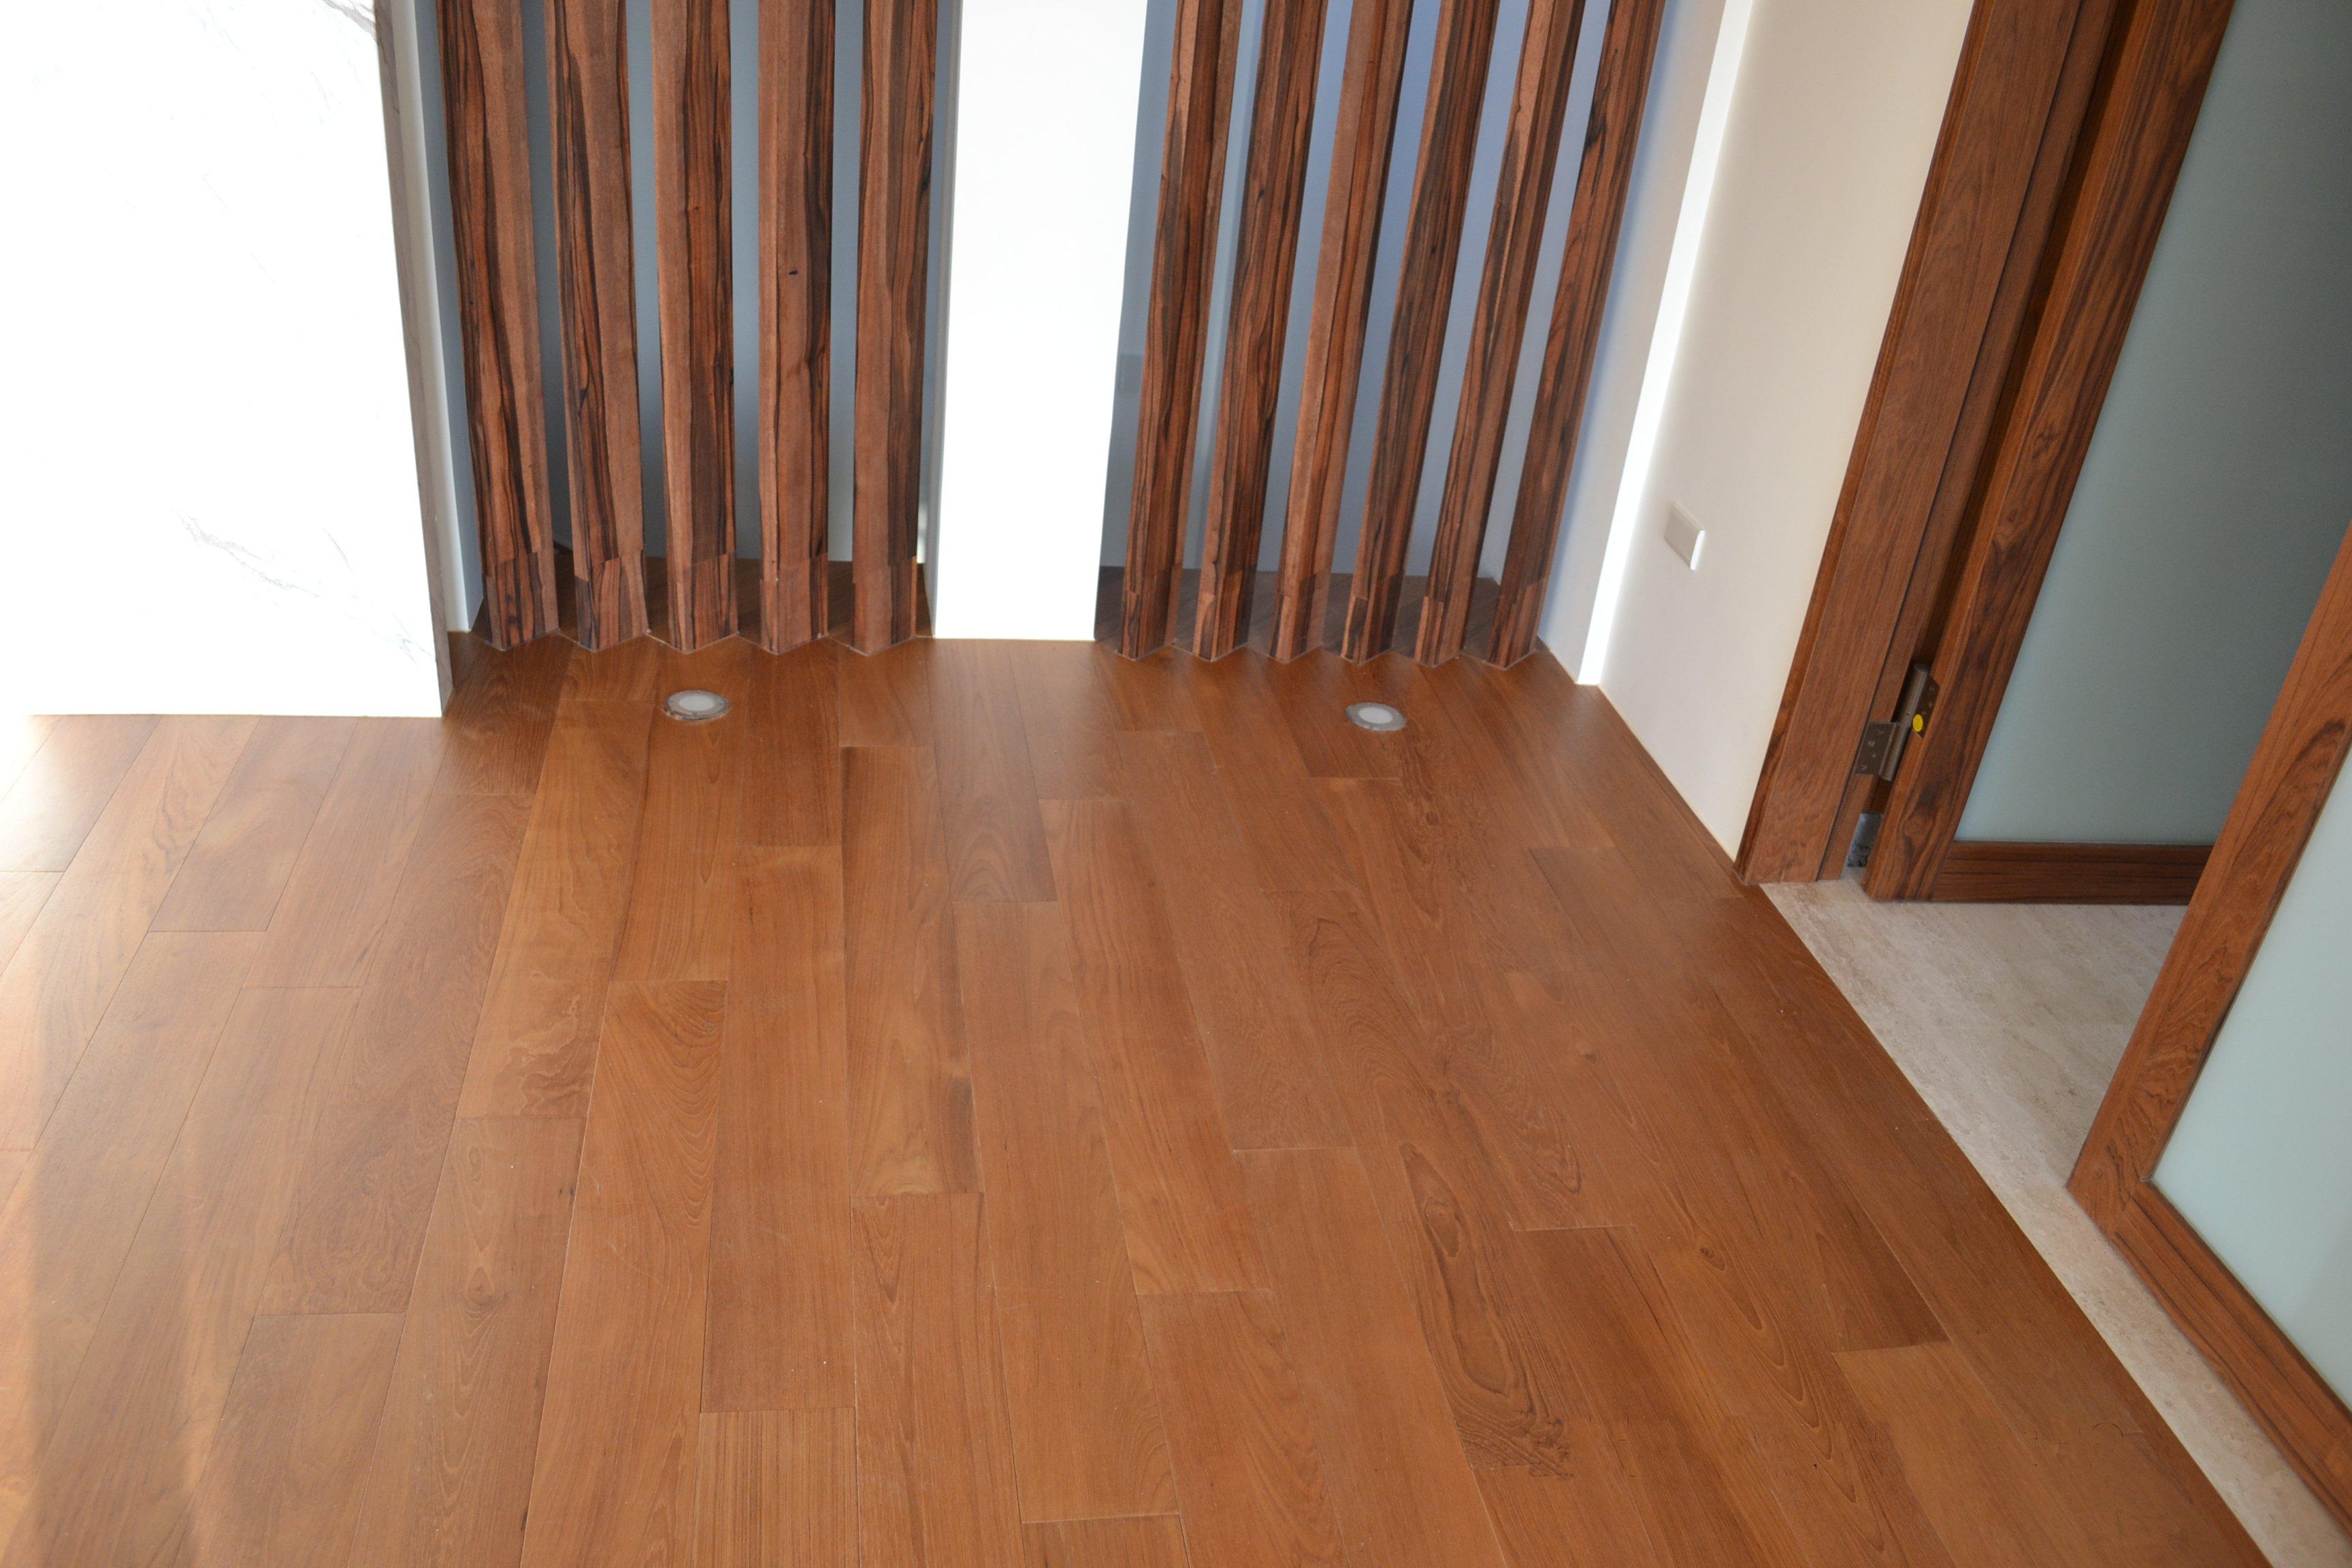 新原古-緬甸柚木實木地板5寸6分